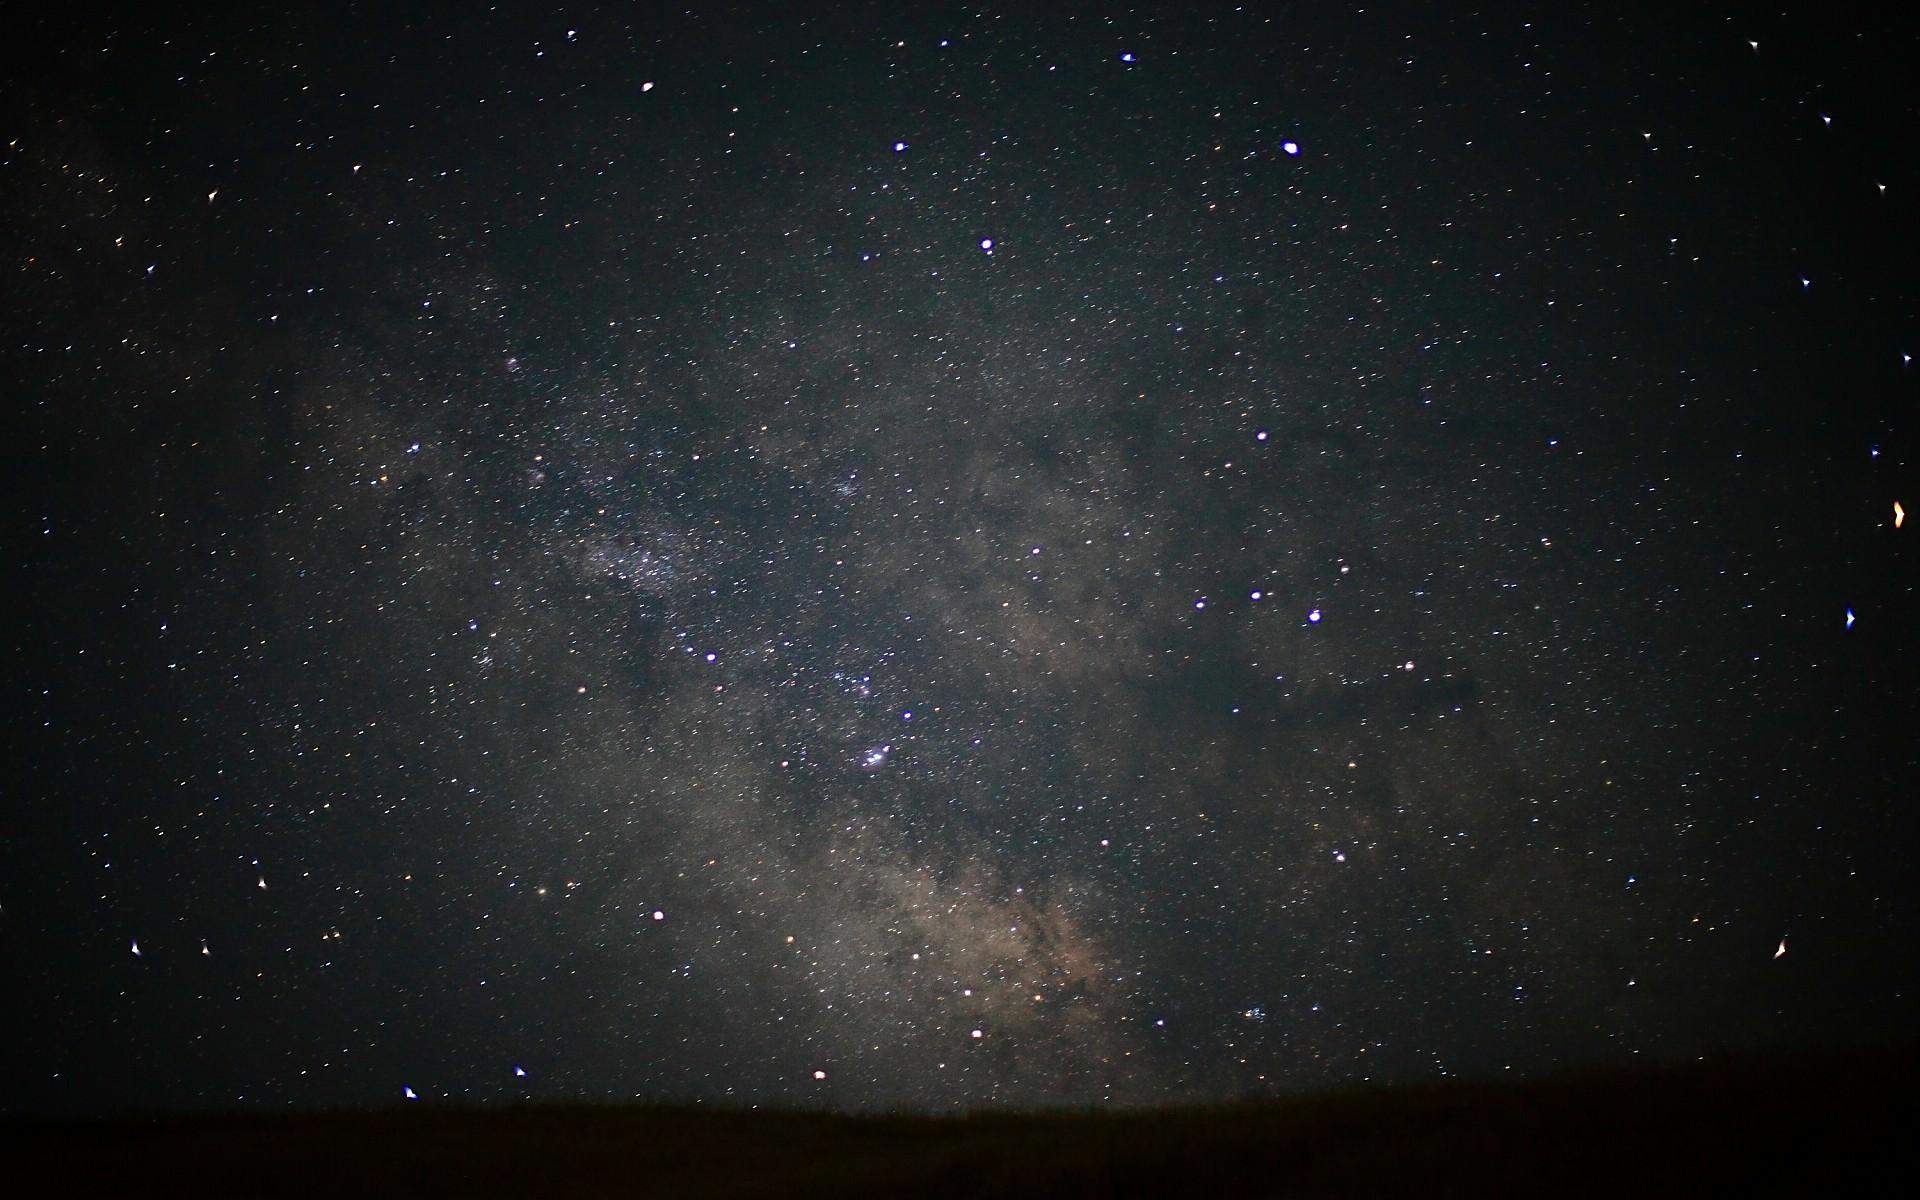 銀河が美しい宇宙画像